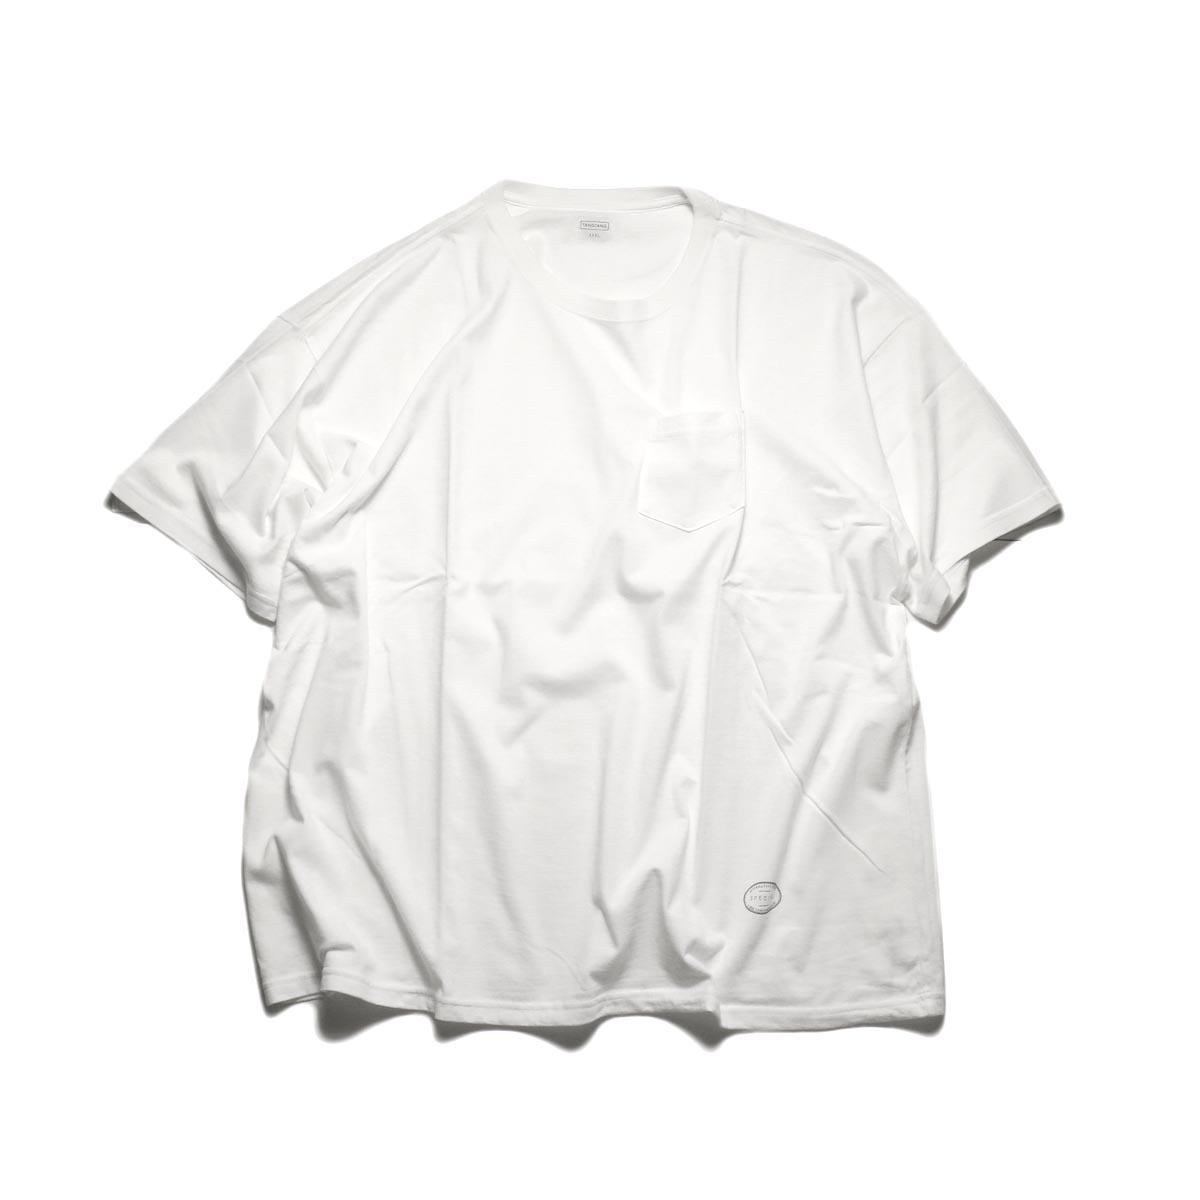 TANGTANG / POCKET -OVERSIZE (White)